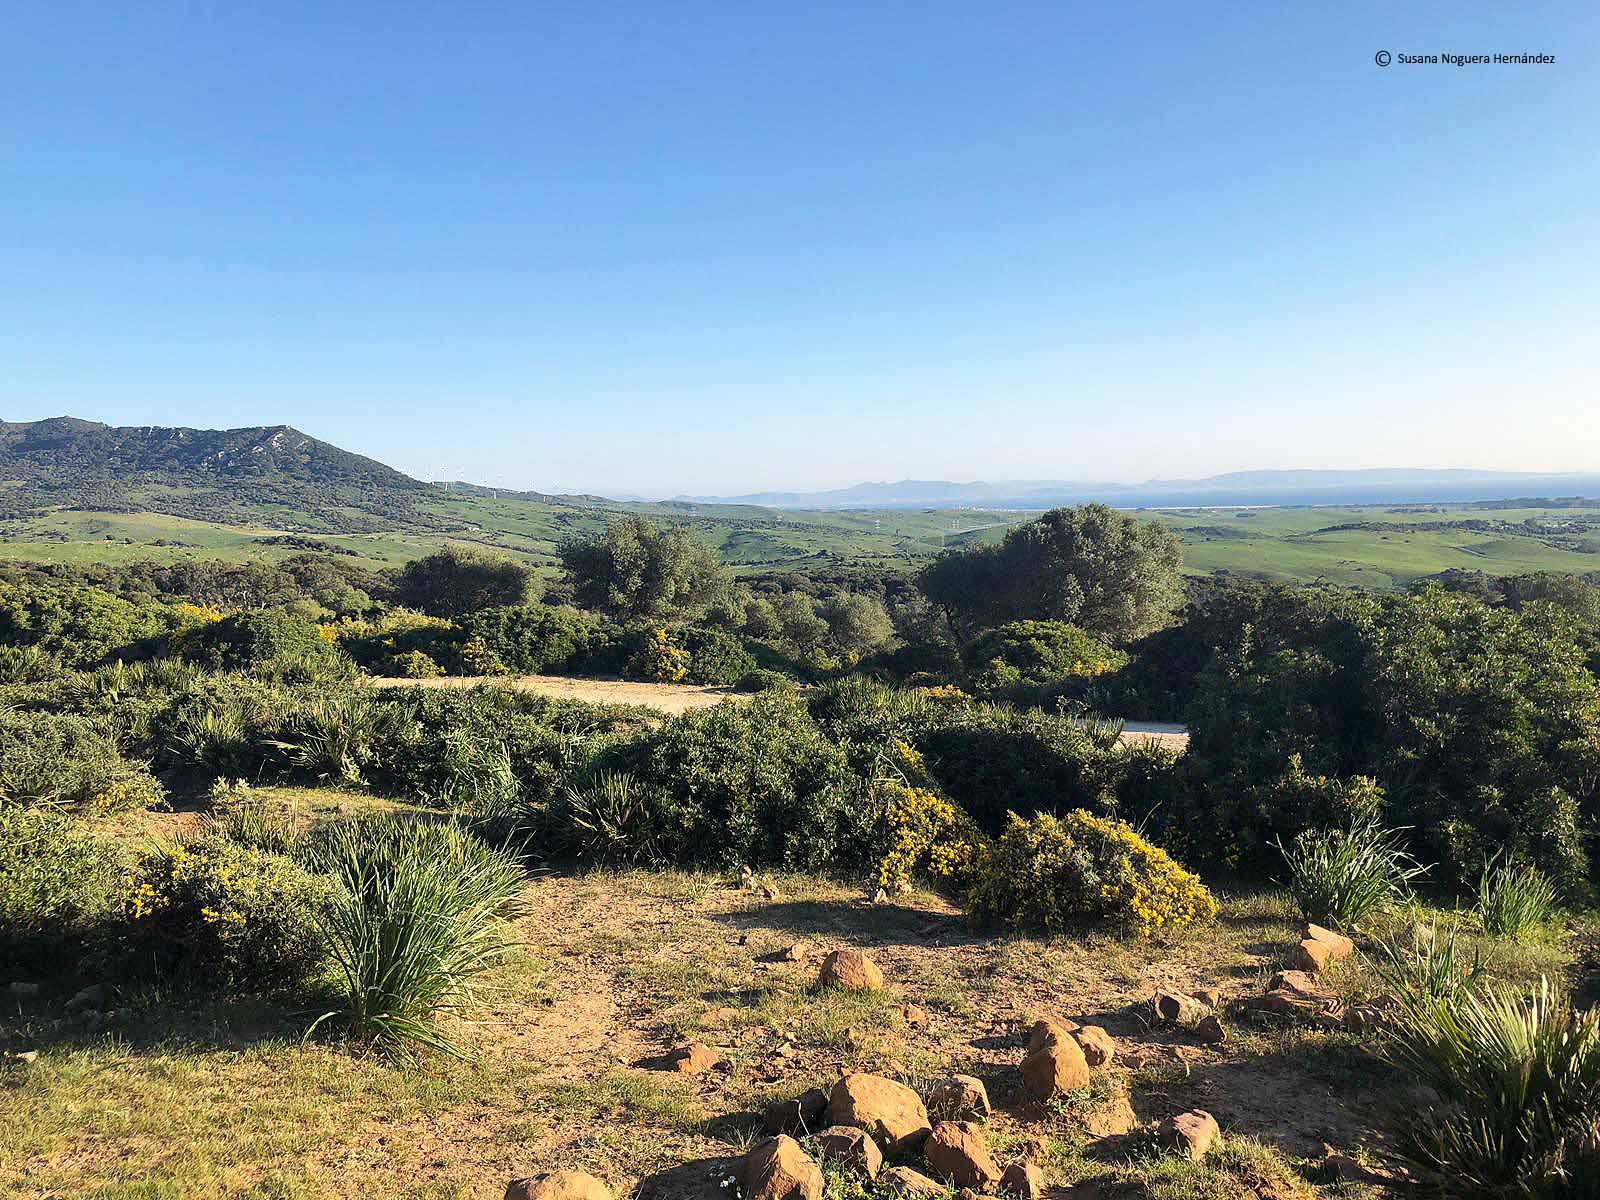 Vistas del Estrecho desde el parque natural de los Alcornocales. Imagen: Susana Noguera